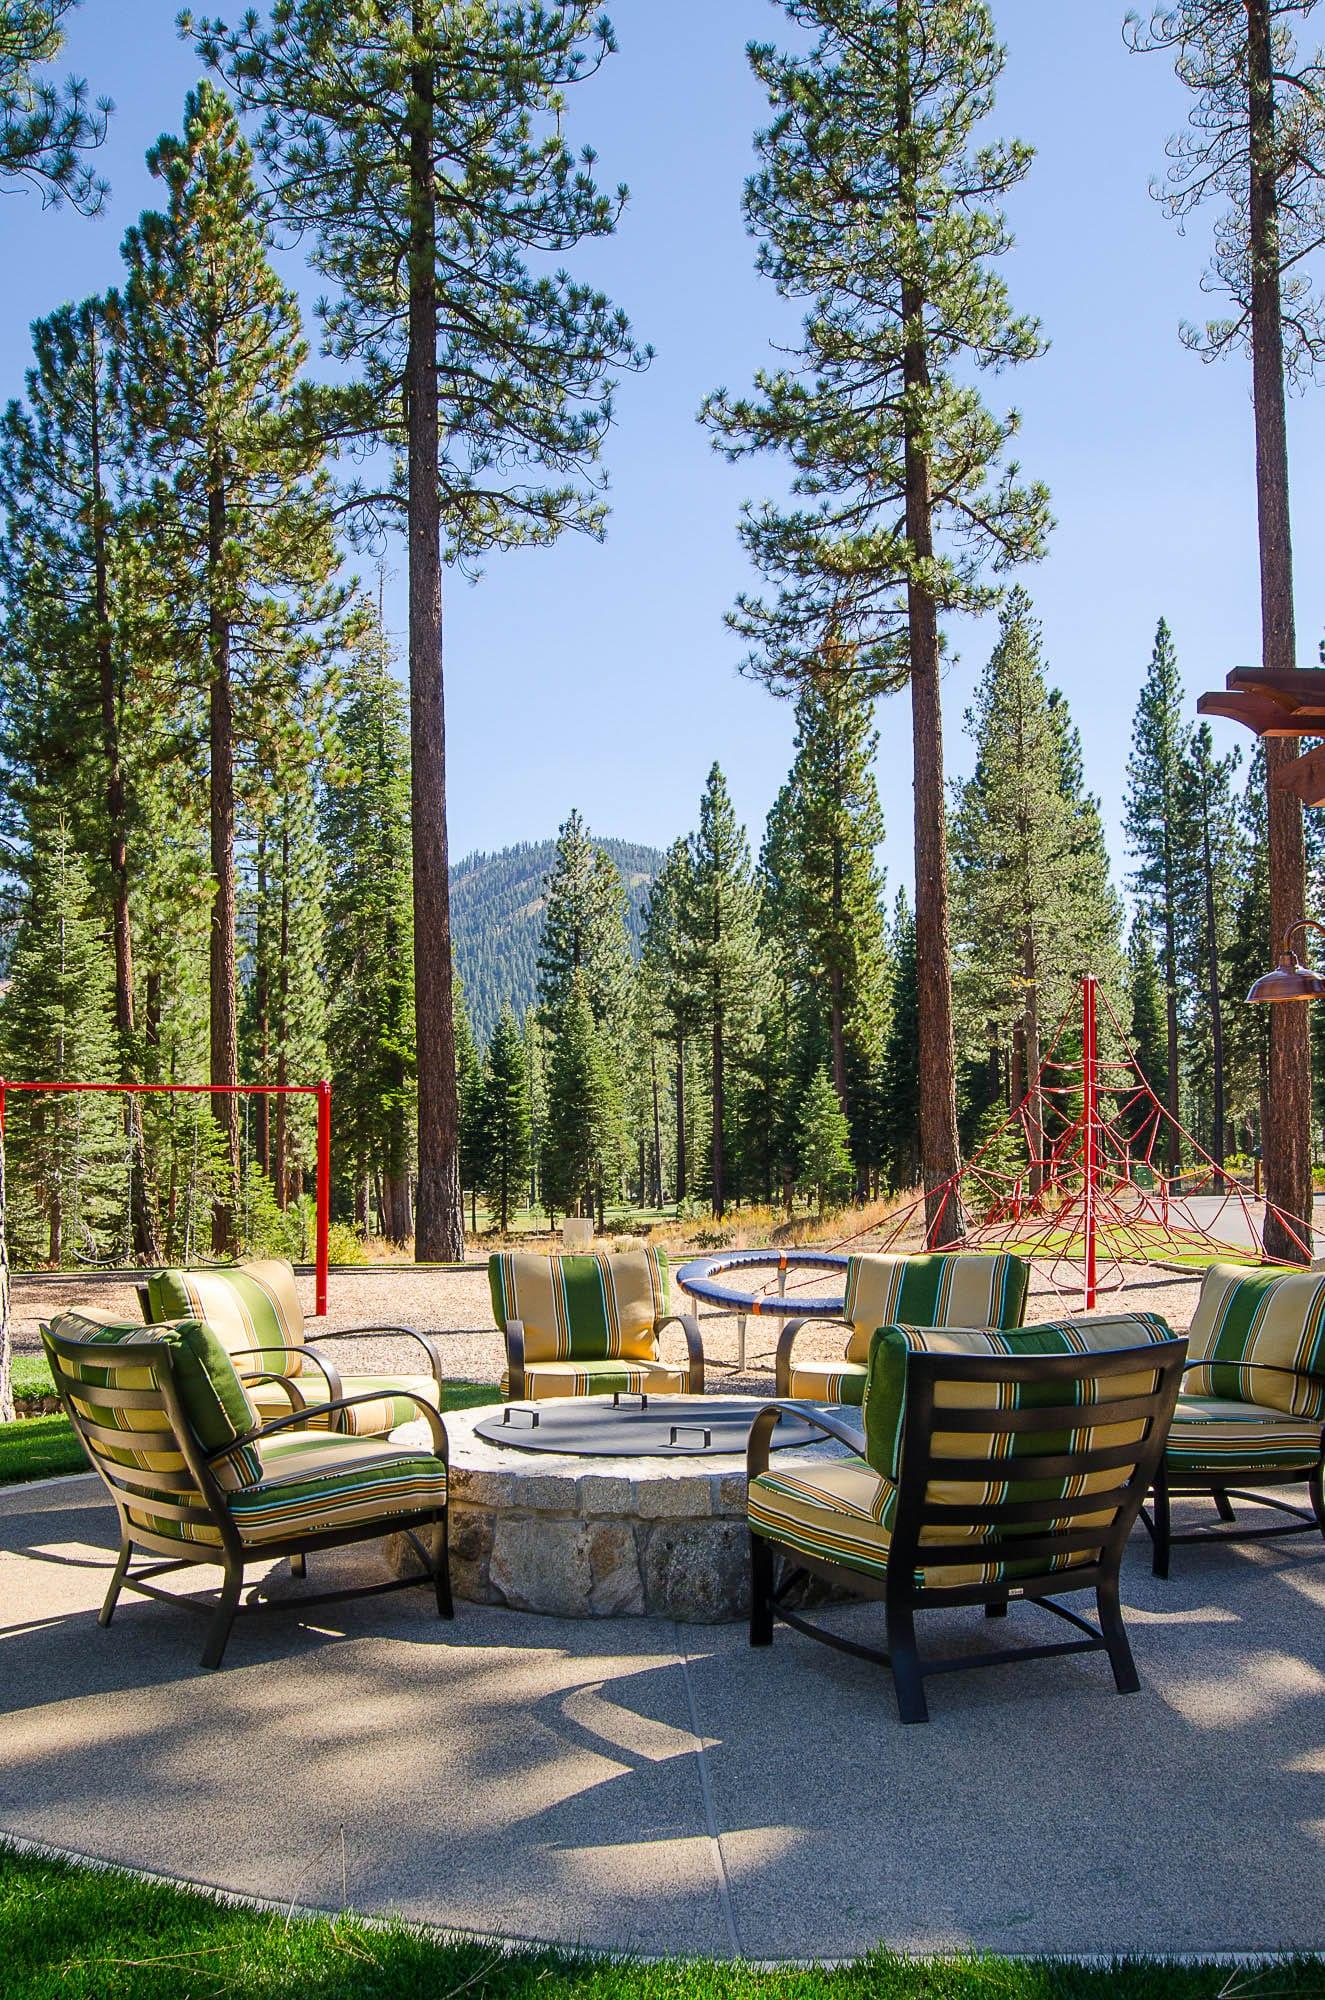 Martis Camp Pavilion 04